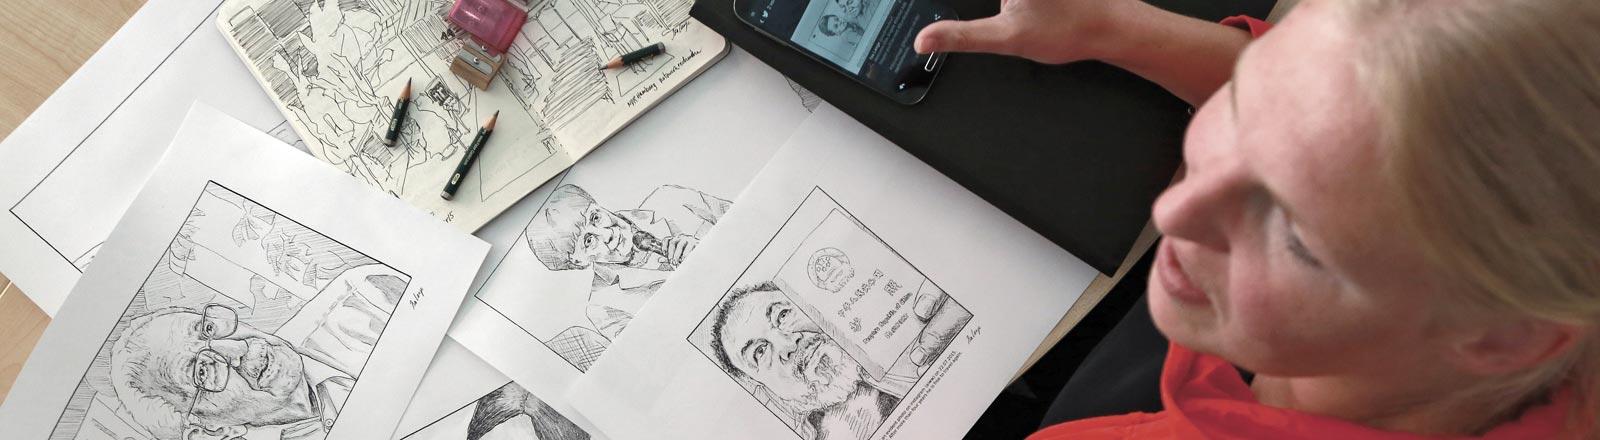 Isa Lange zeichnet Nachrichtenbilder nach.